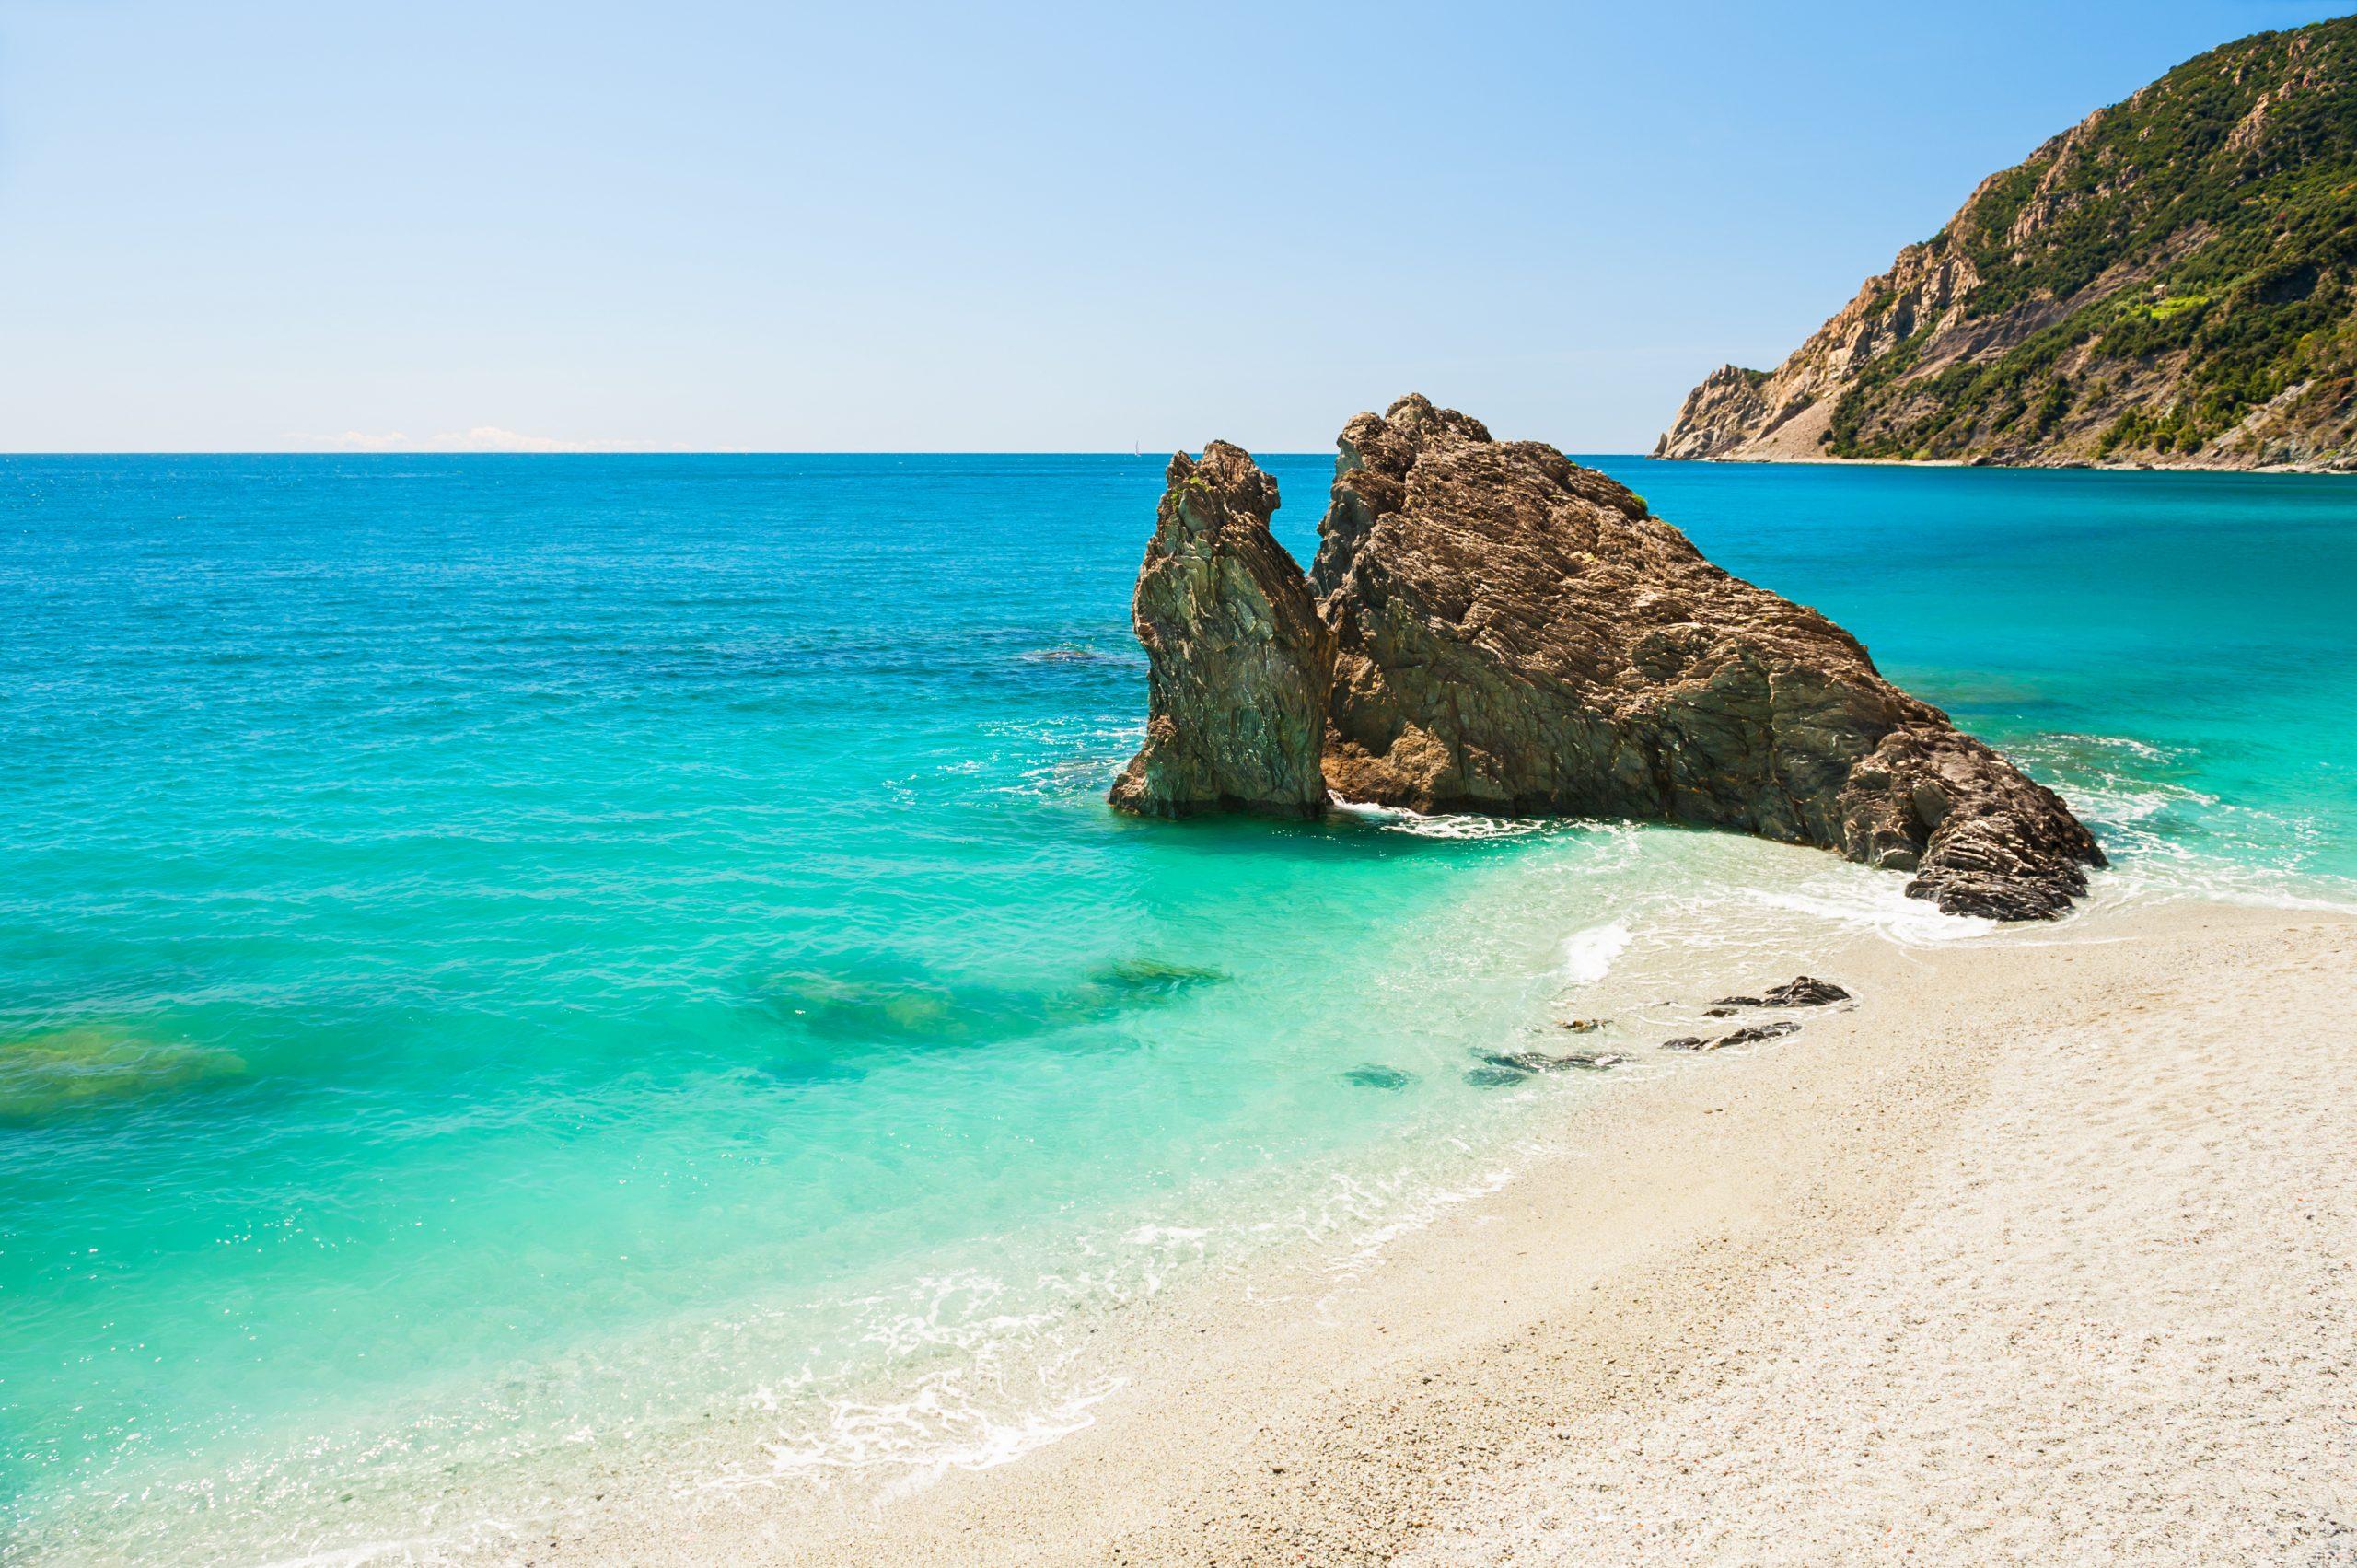 Plaża w Monterosso, Cinque Terre, Włochy, fot. shutterstock.com